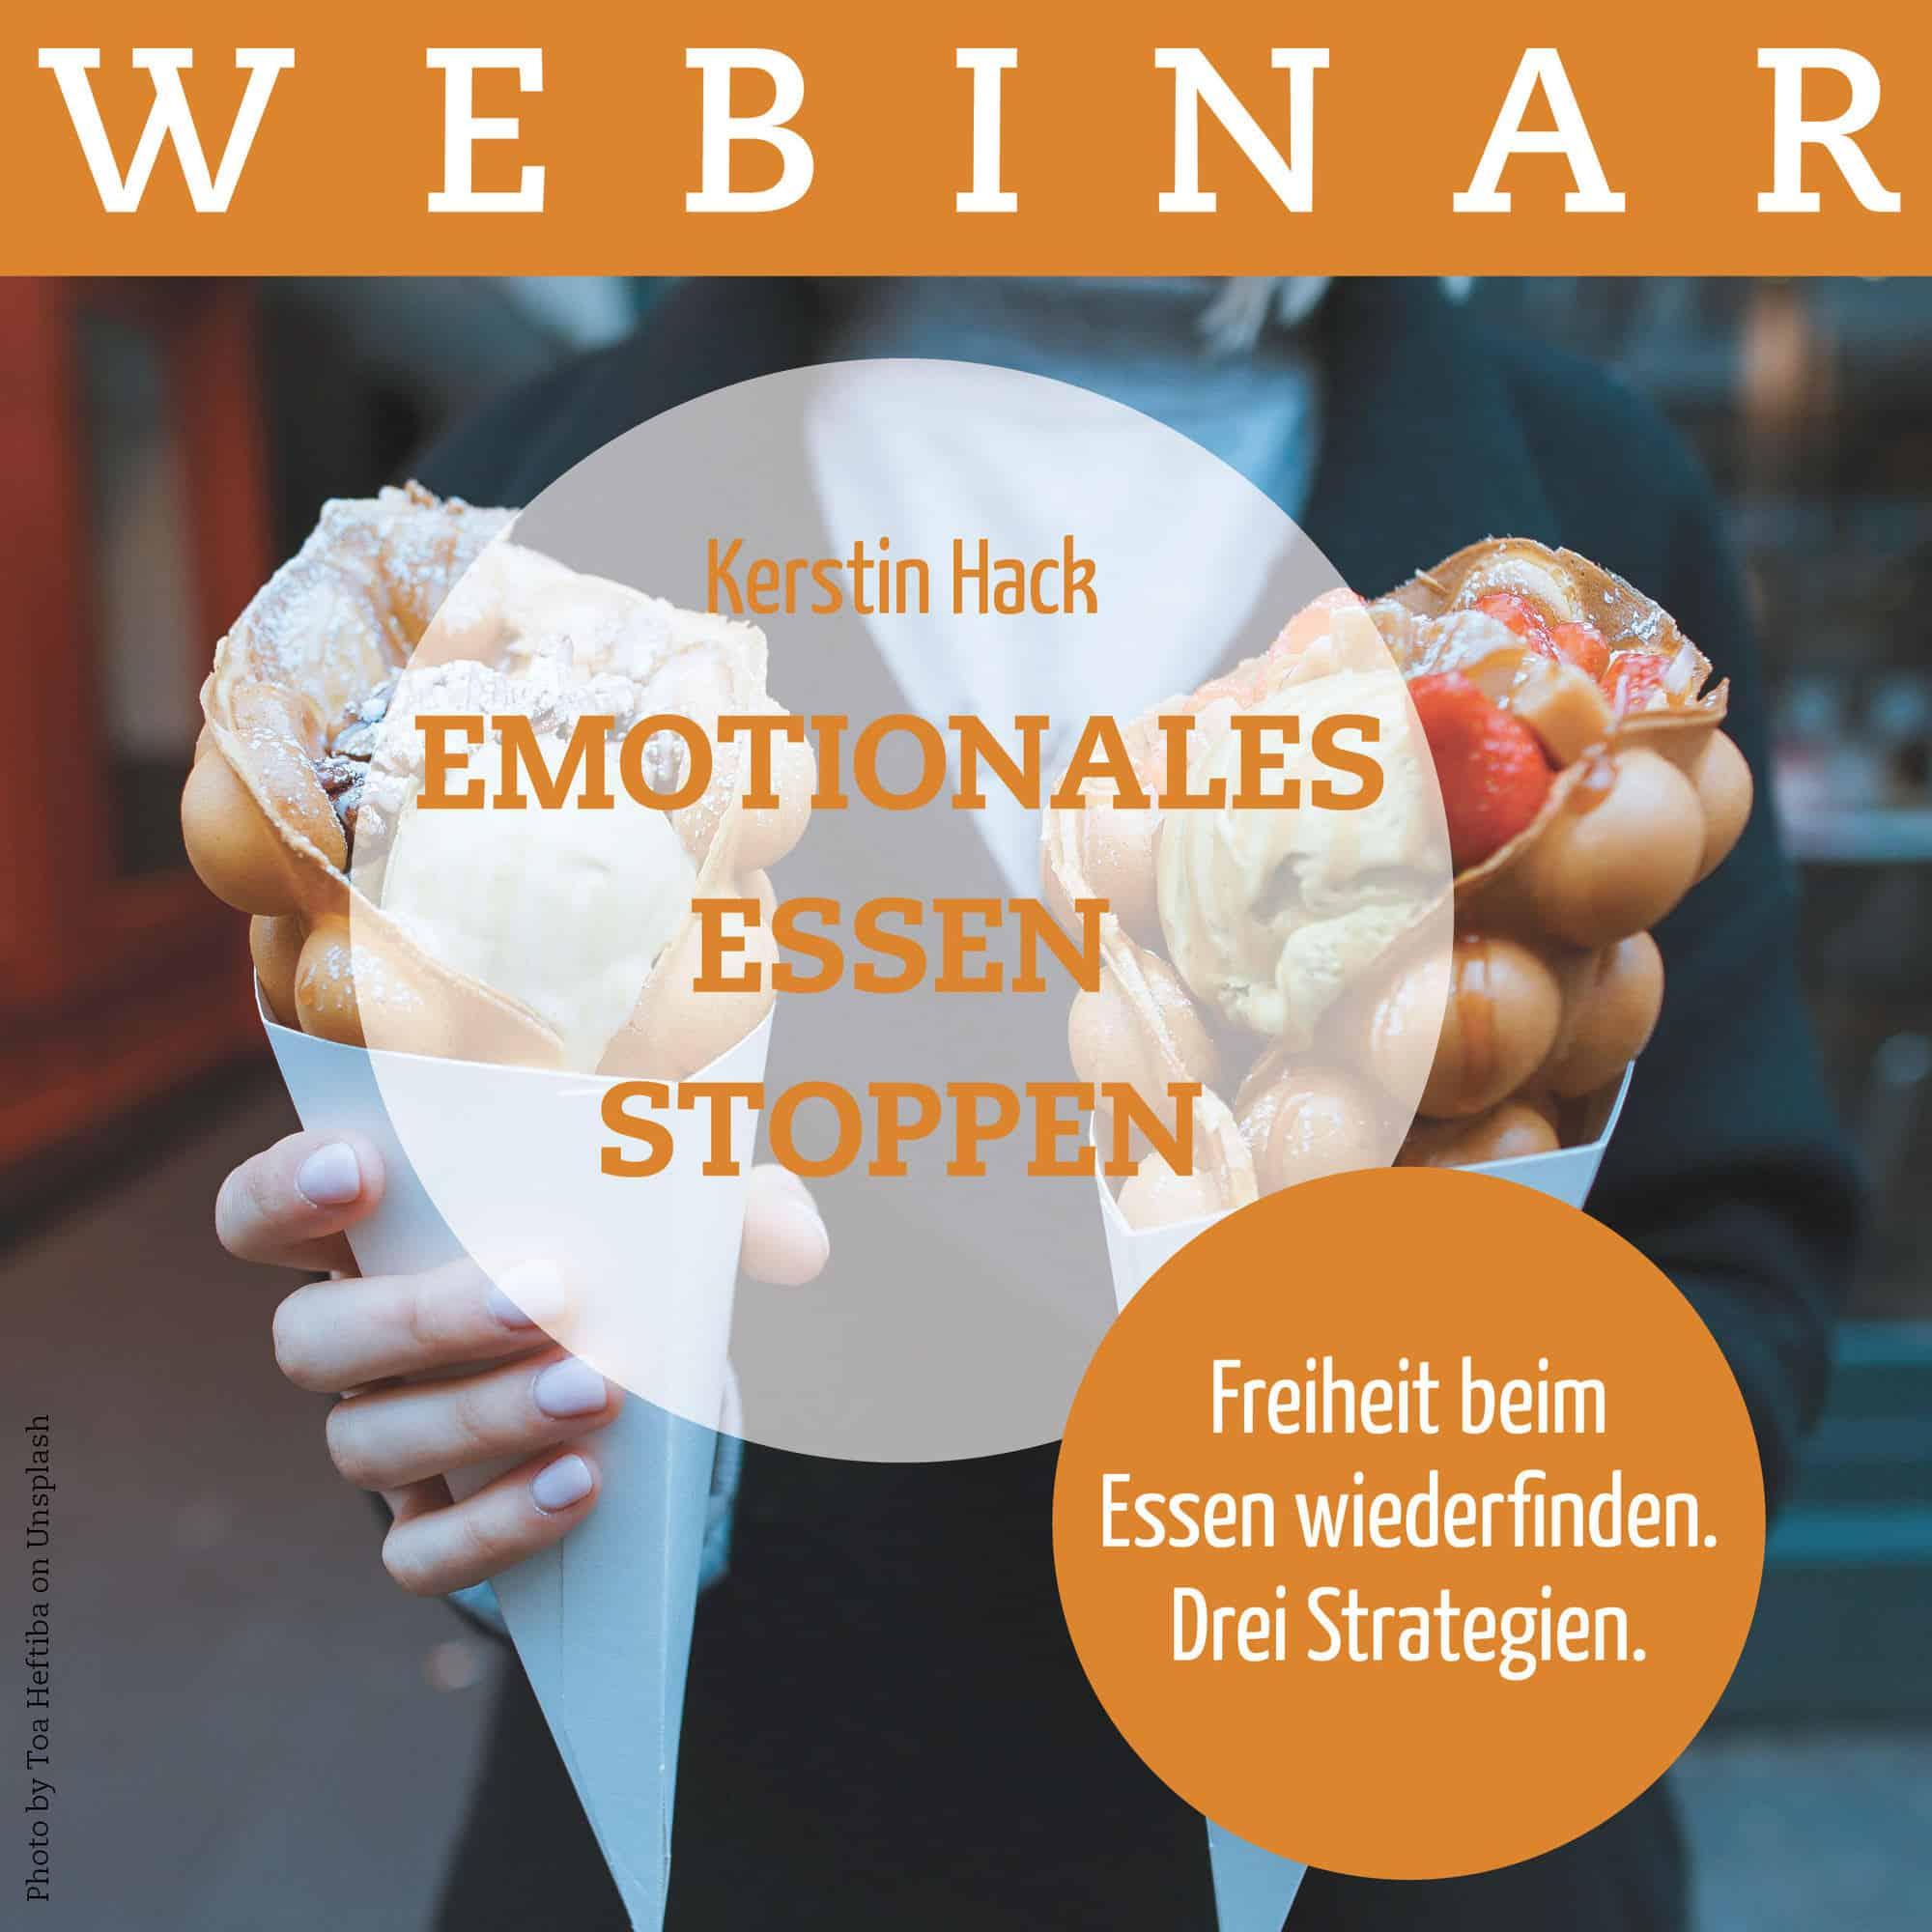 """Willst du wissen, wie man alle sechs Hungergefühle stillt Wie man durch Beobachtung emotionalen Verknüpfungen auf die Spur kommt Wie man bestimmte Lebensmittel emotional """"entzaubert"""""""